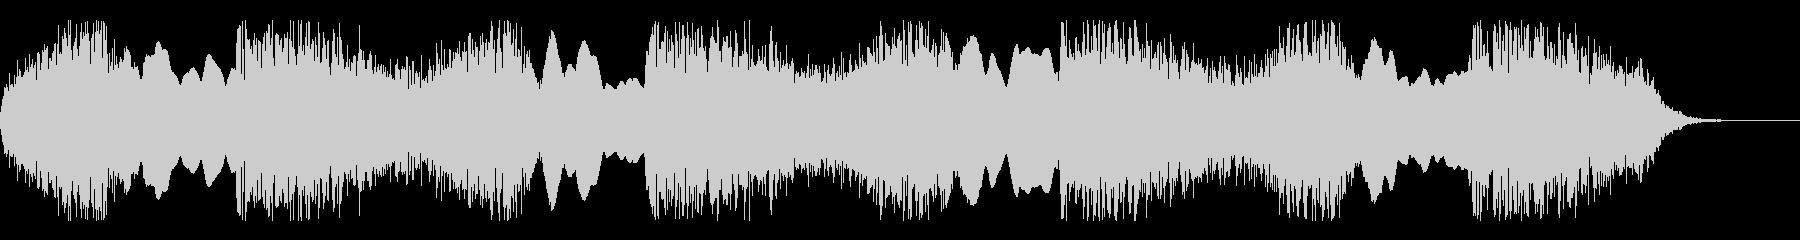 パトカー サイレン音の未再生の波形